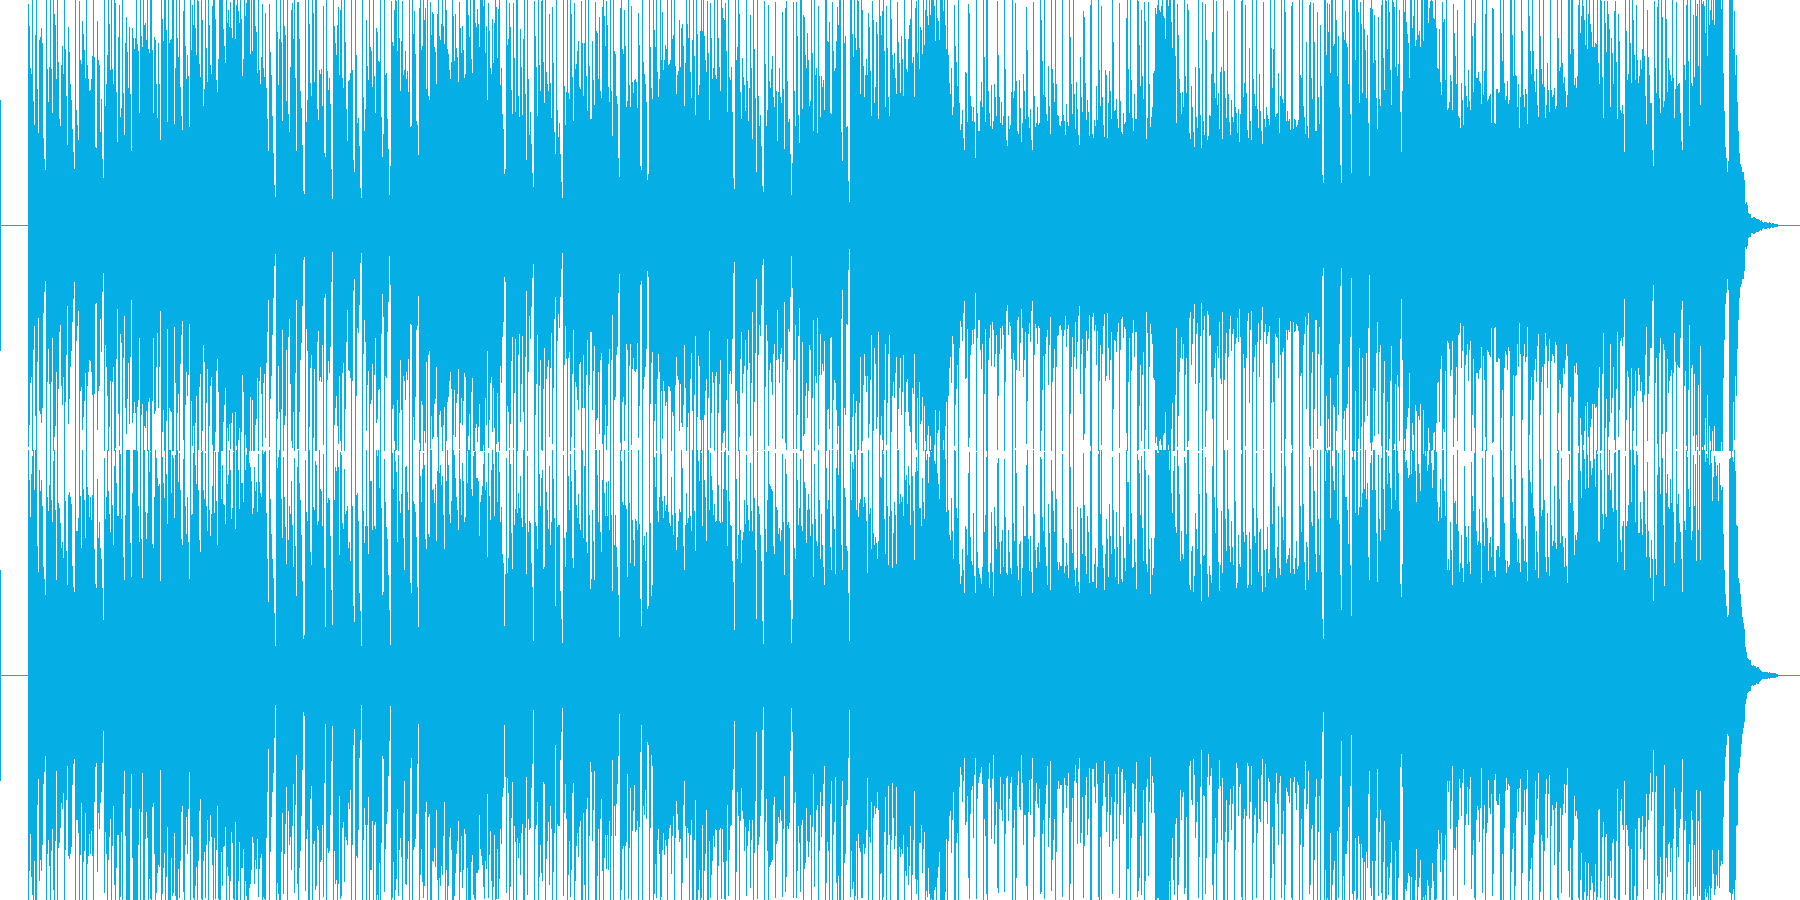 ワイルドな雰囲気のロカビリーロックの再生済みの波形